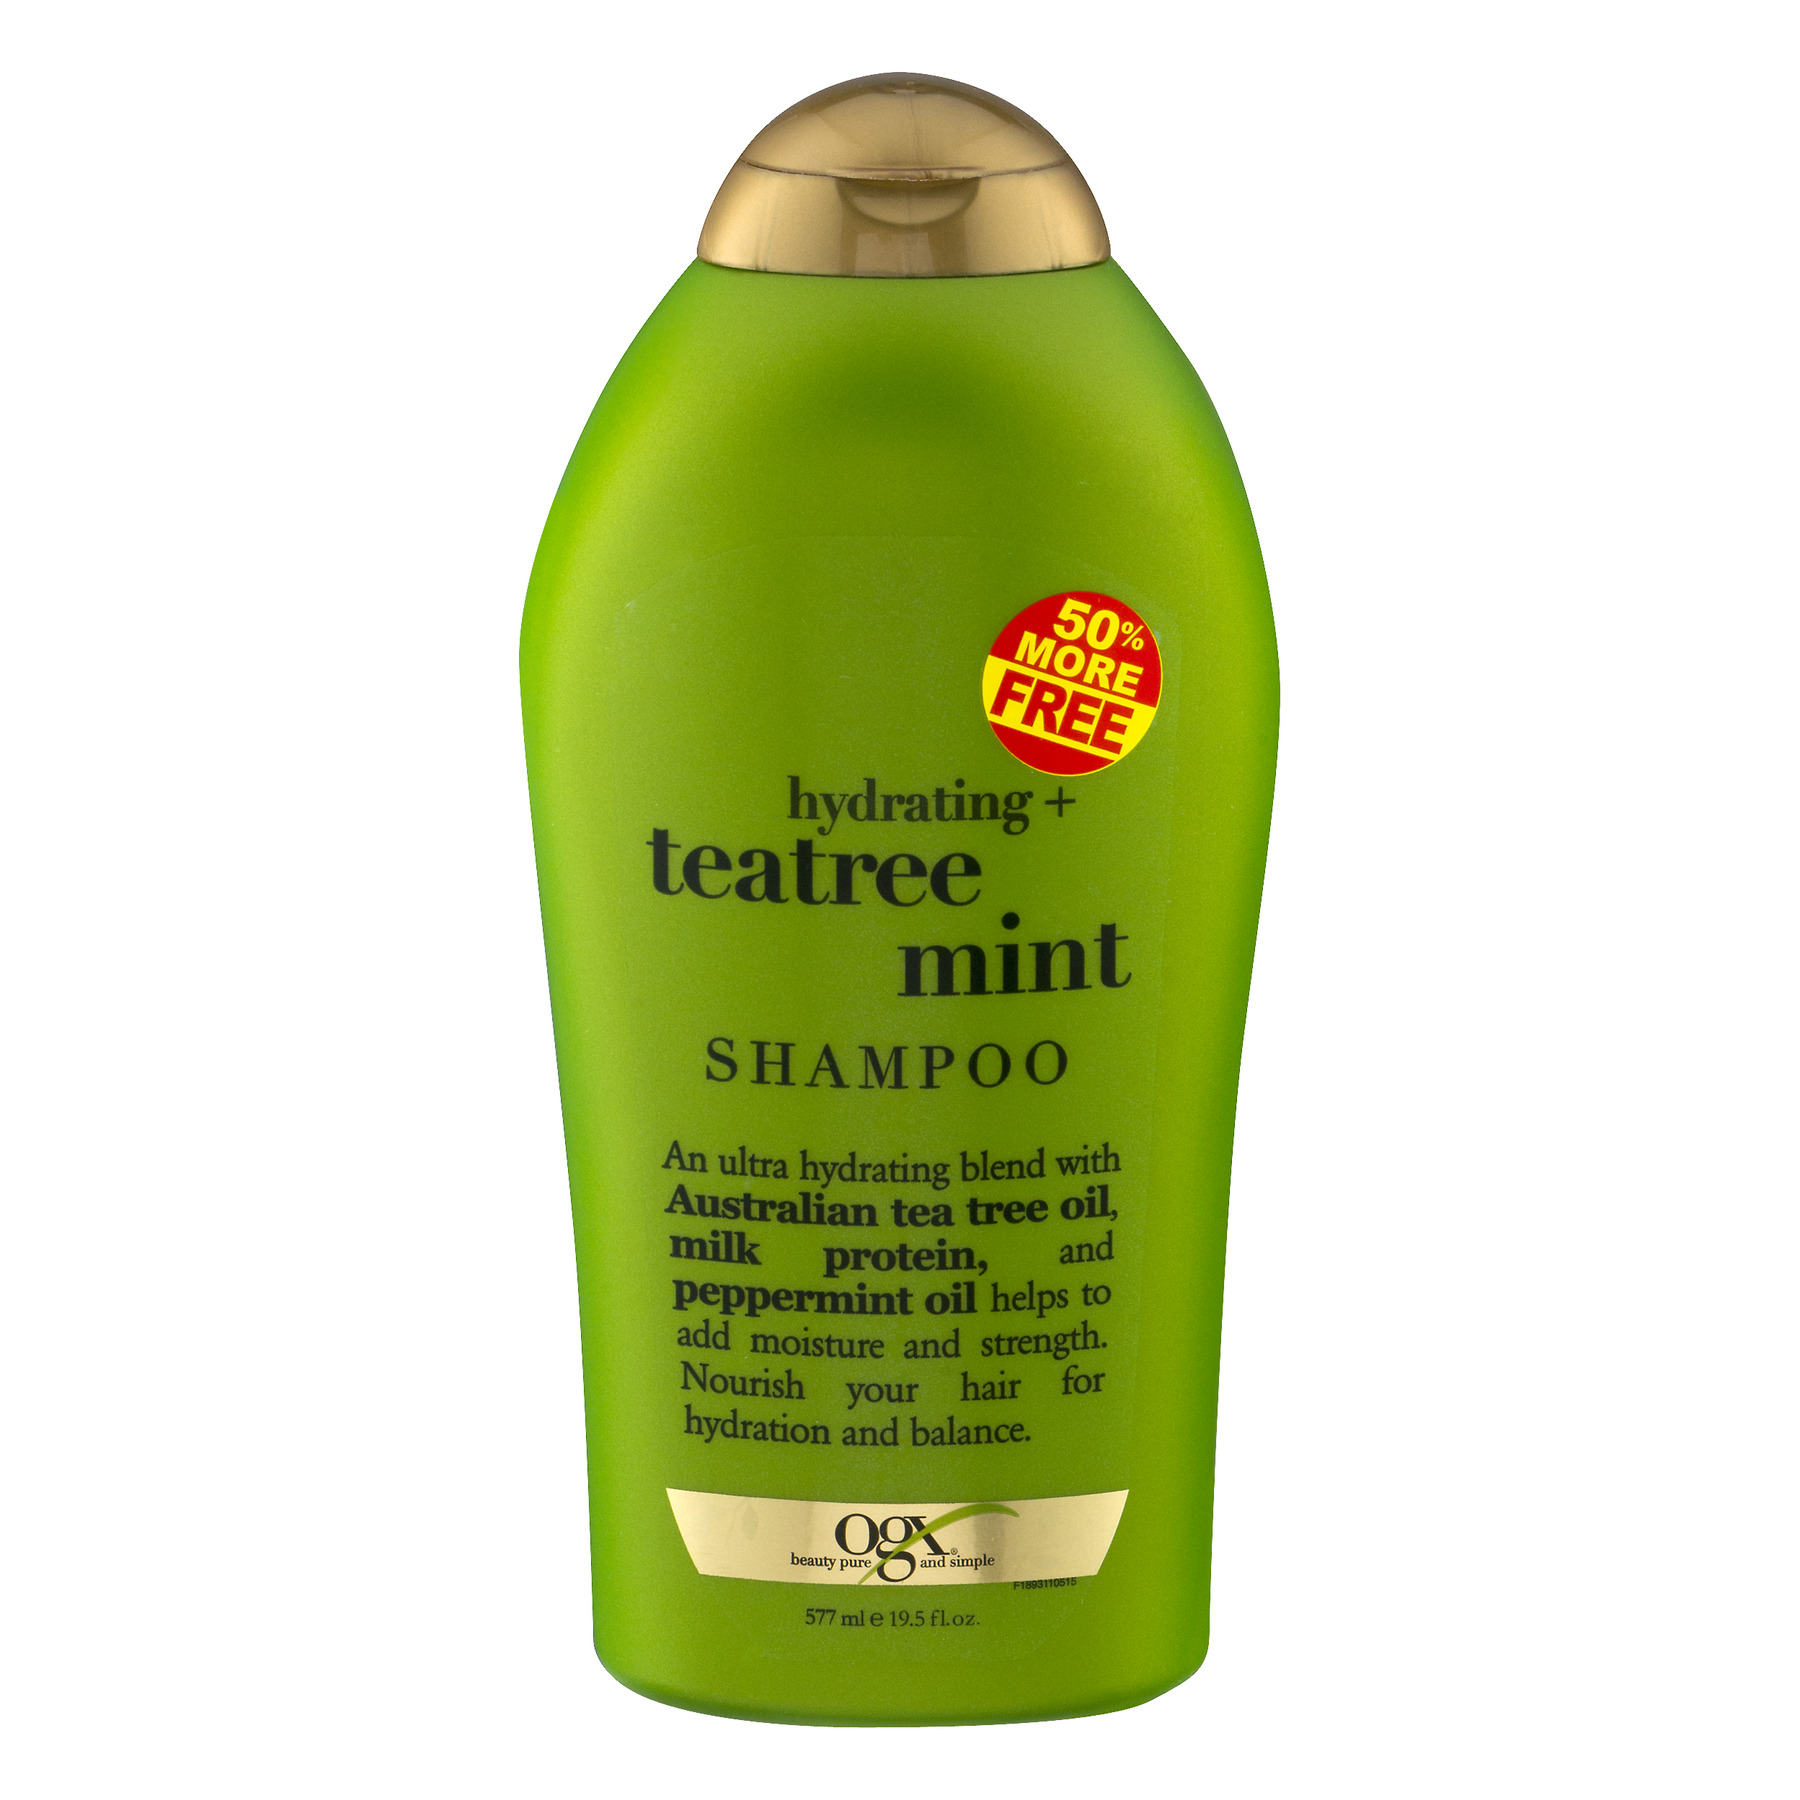 OGX Hydrating Teatree Mint Shampoo, 19.5 oz